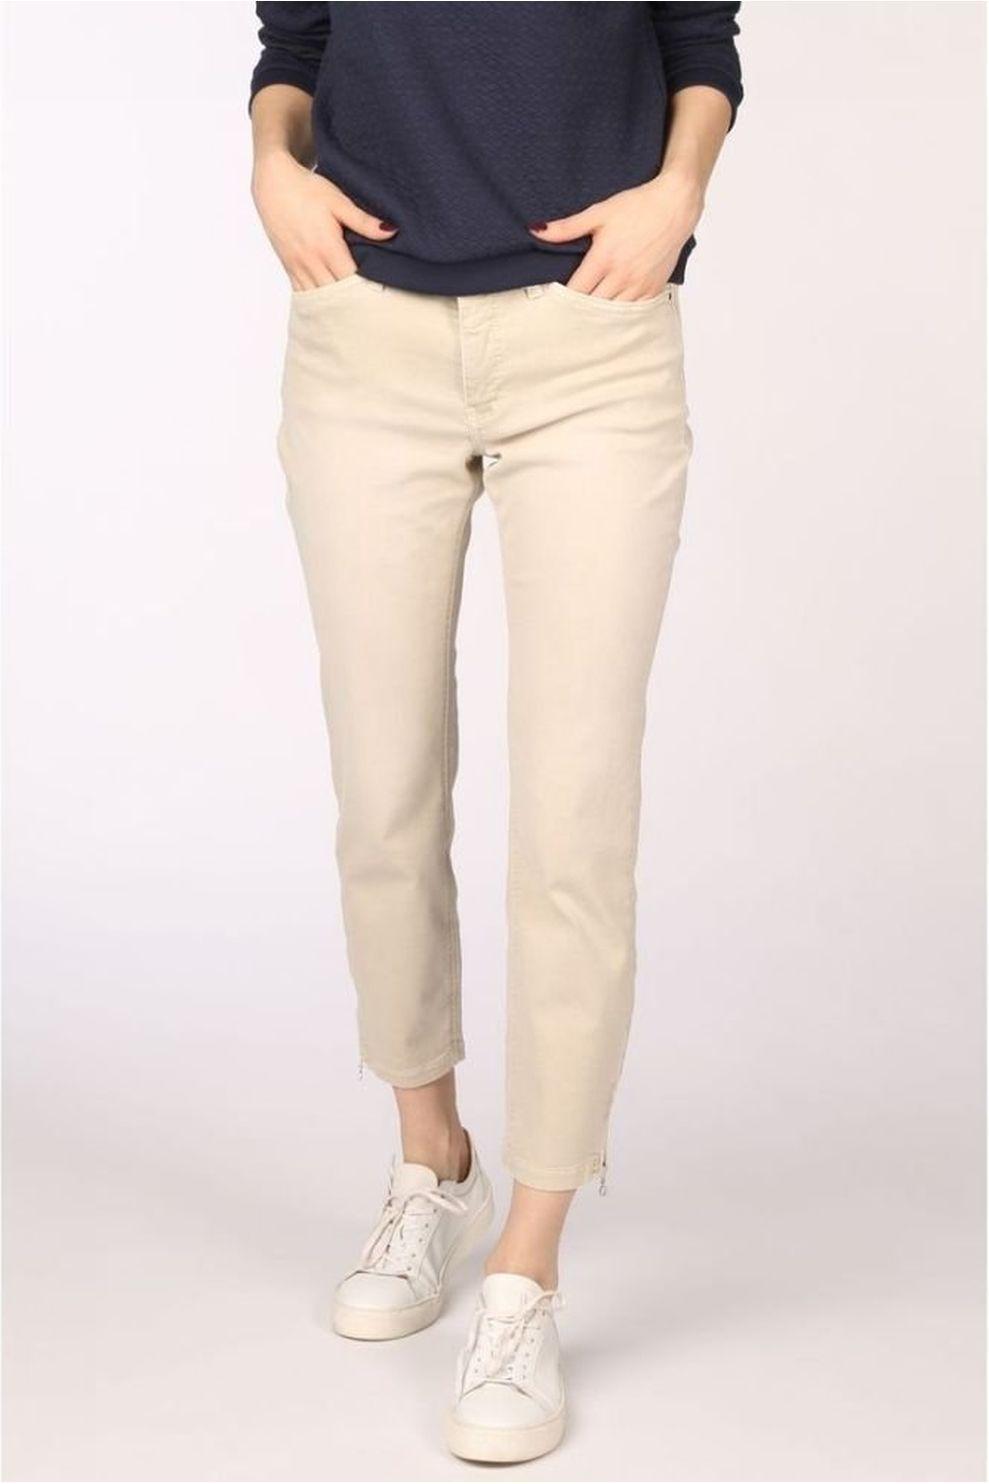 MAC Jeans Dream Chic Zip voor dames - Bruin - Maten: 32, 34, 36, 38, 40, 42